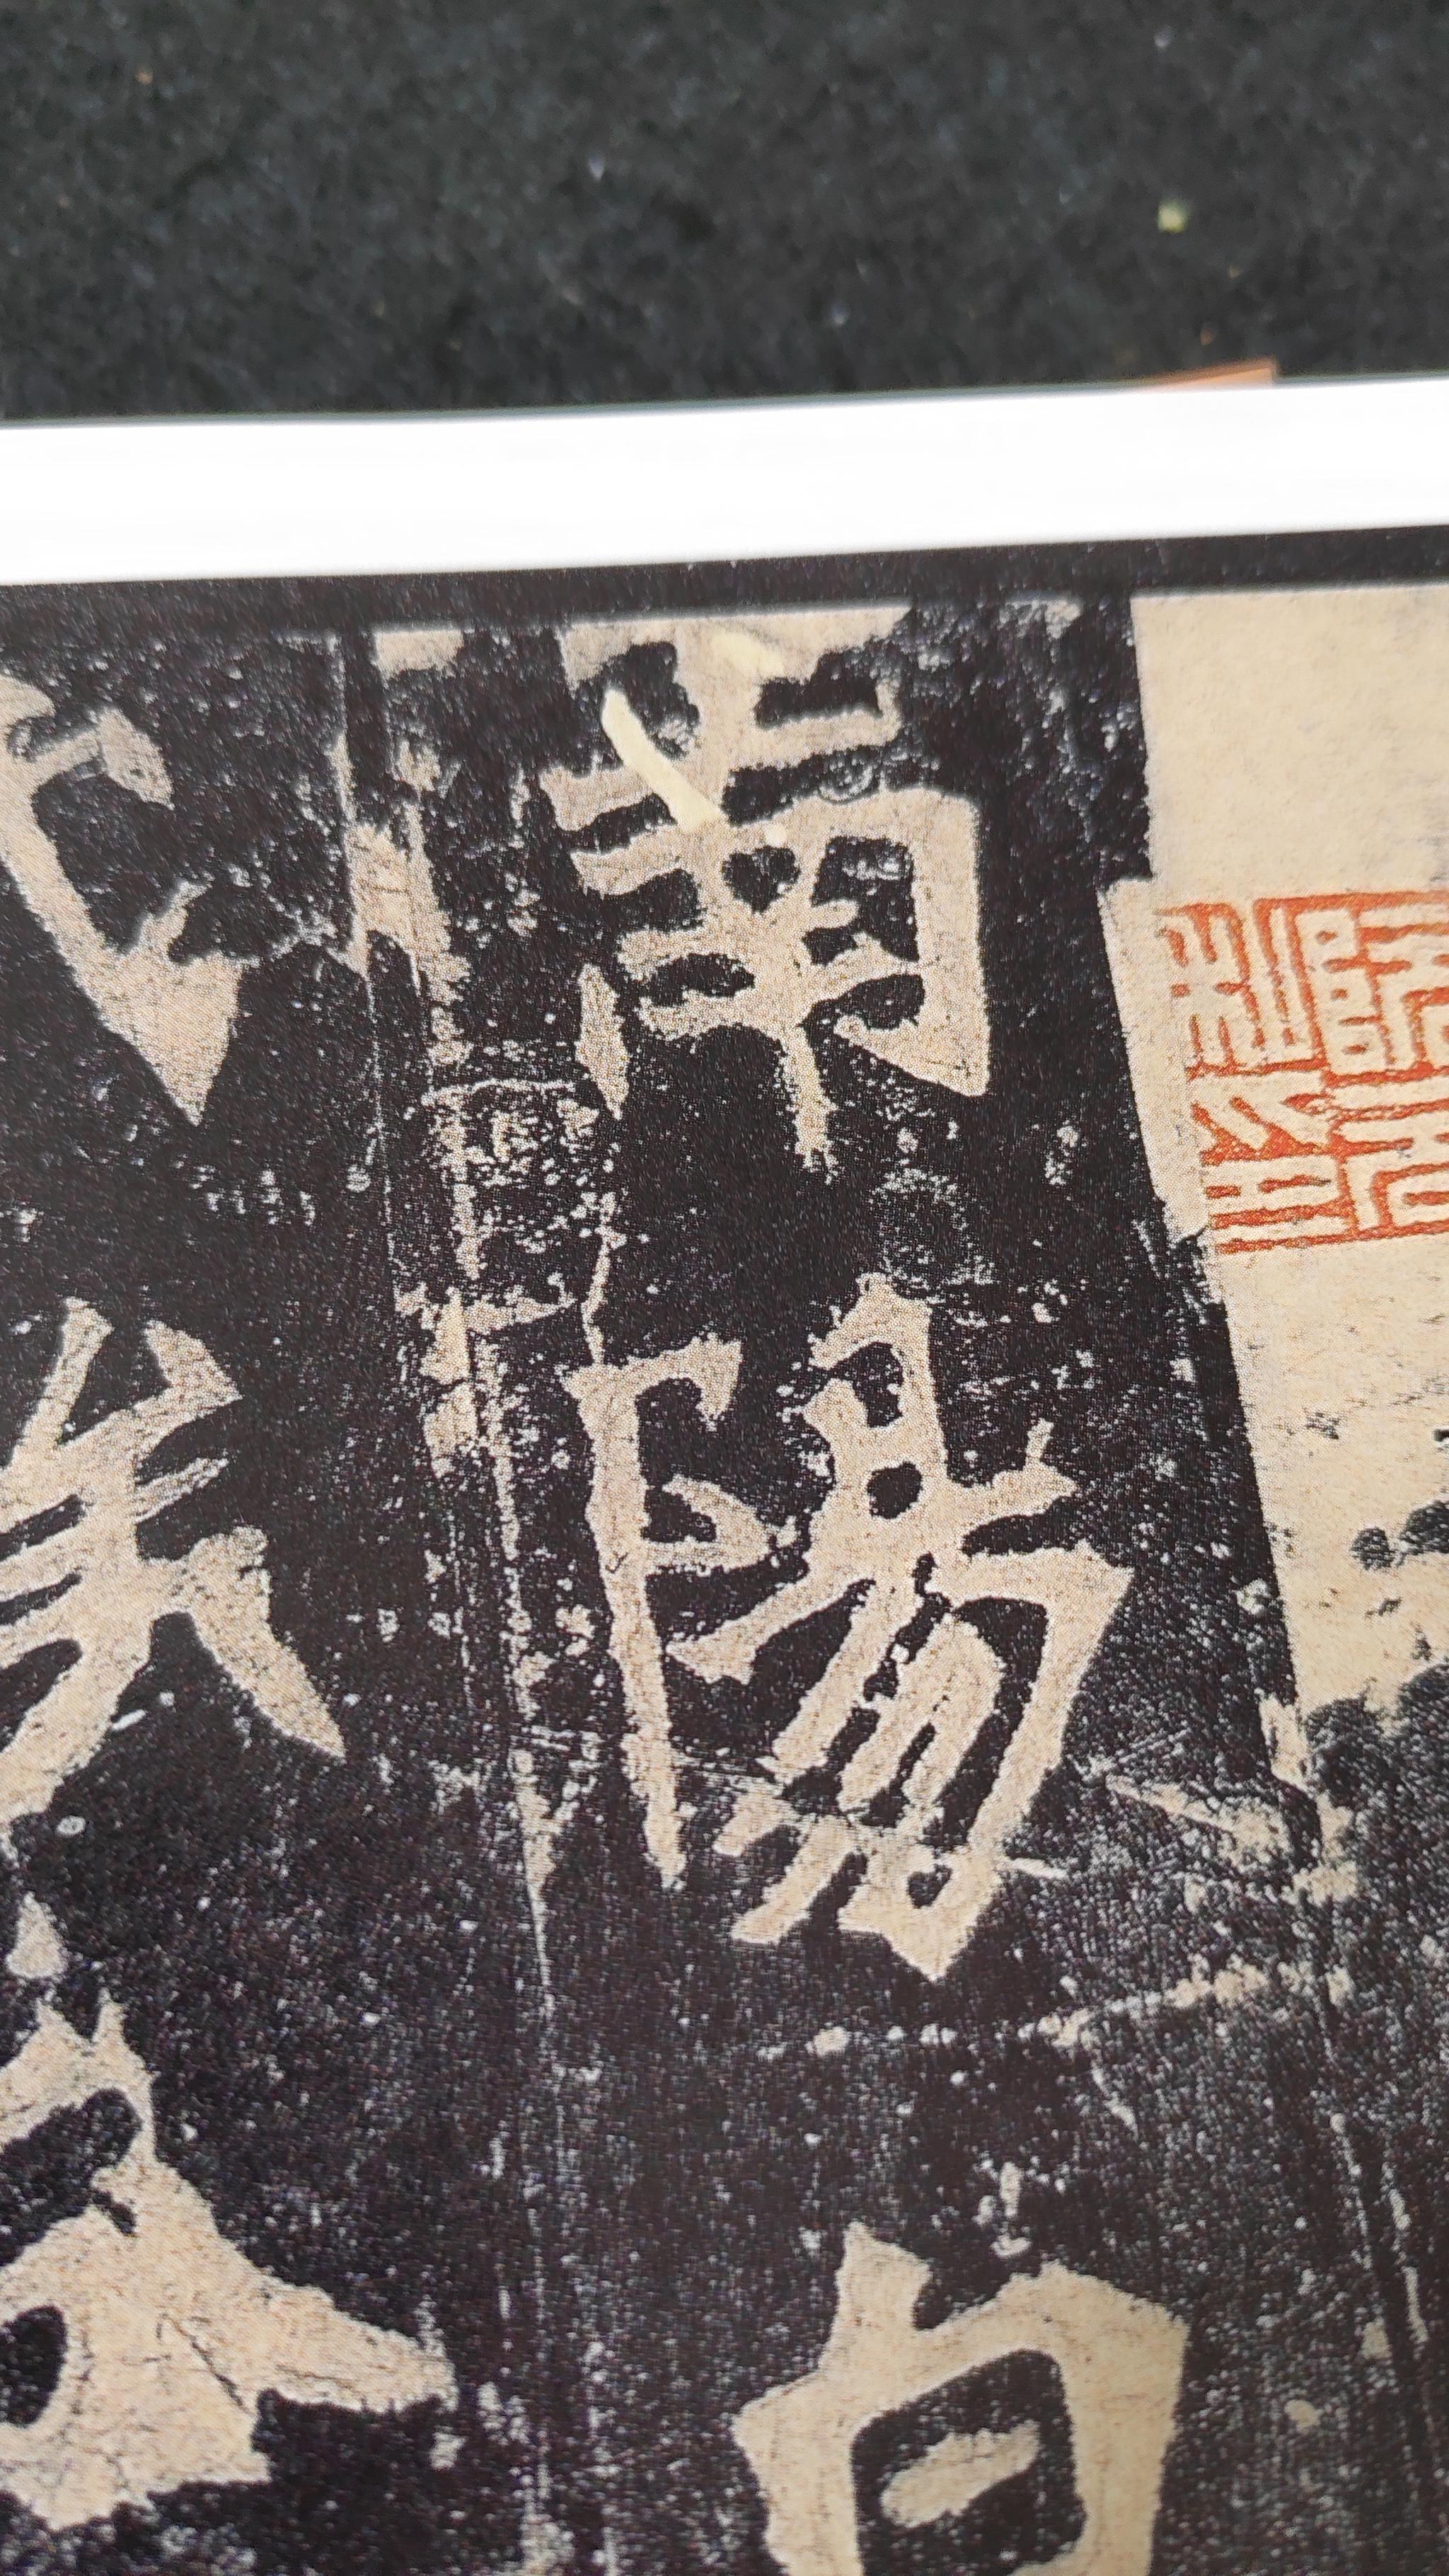 南阳,这个地名很神奇,书法碑帖里面出现频率特别高,这是为什么呢